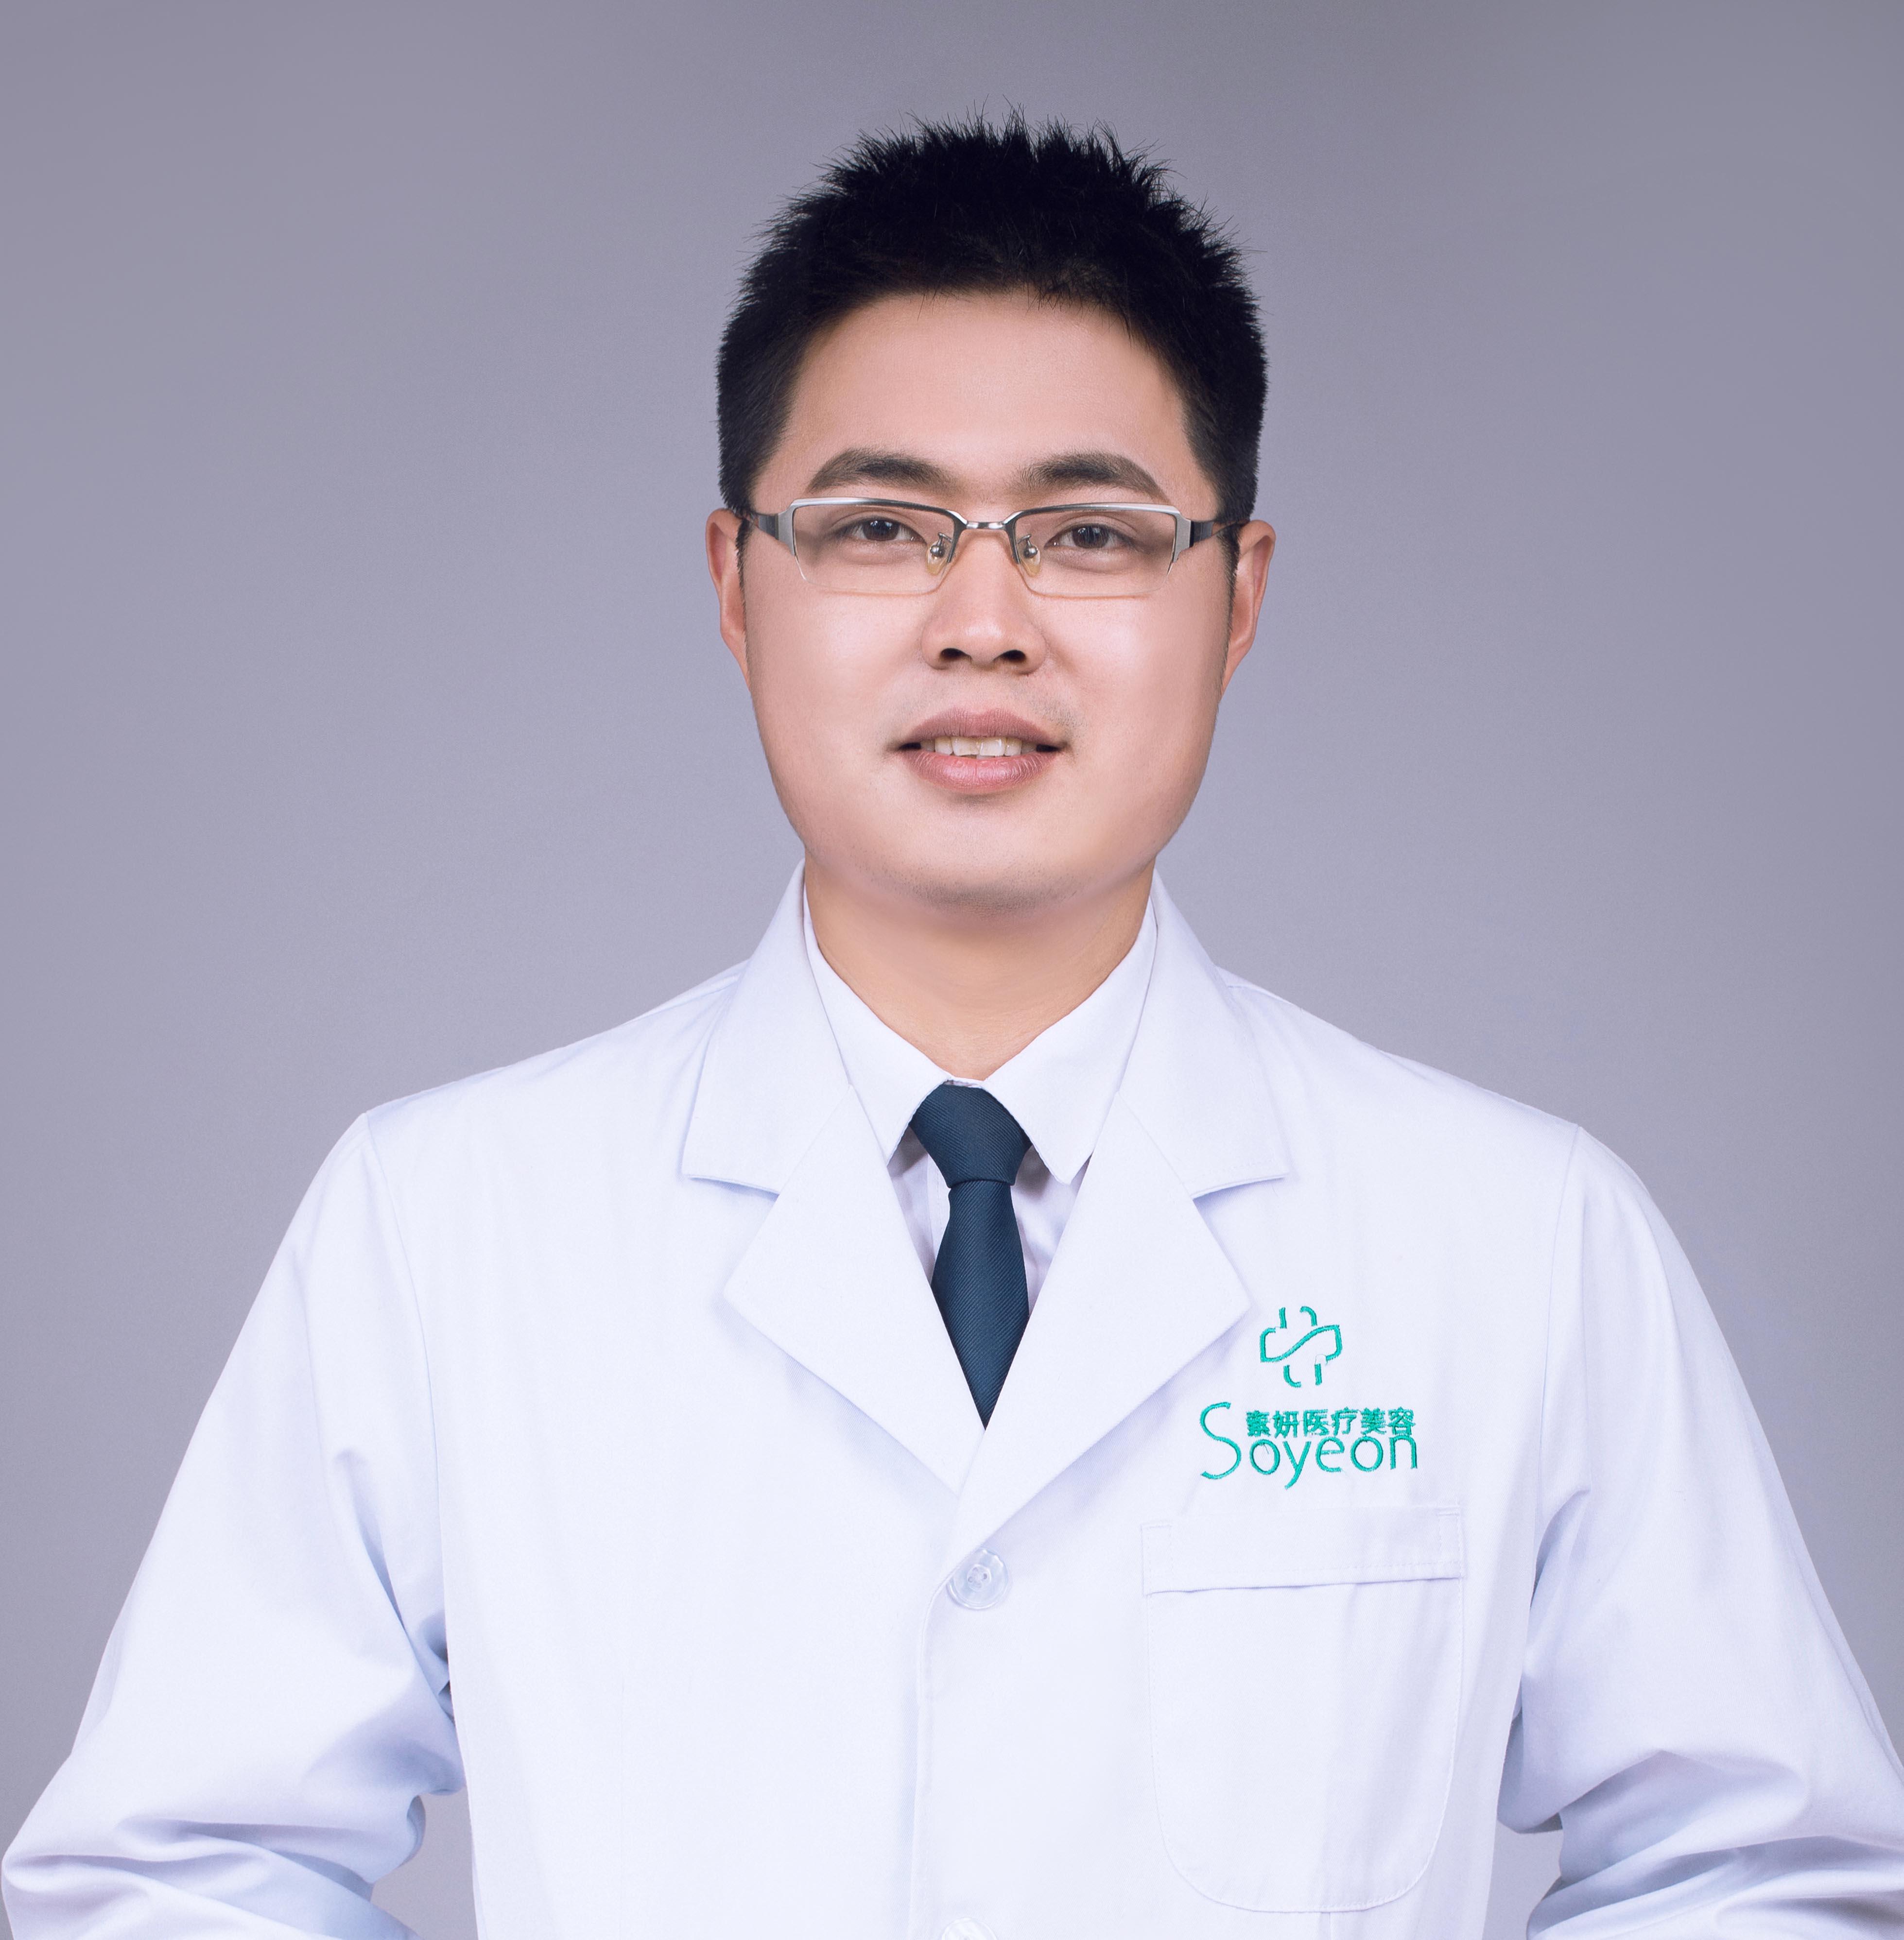 何立鸿医生